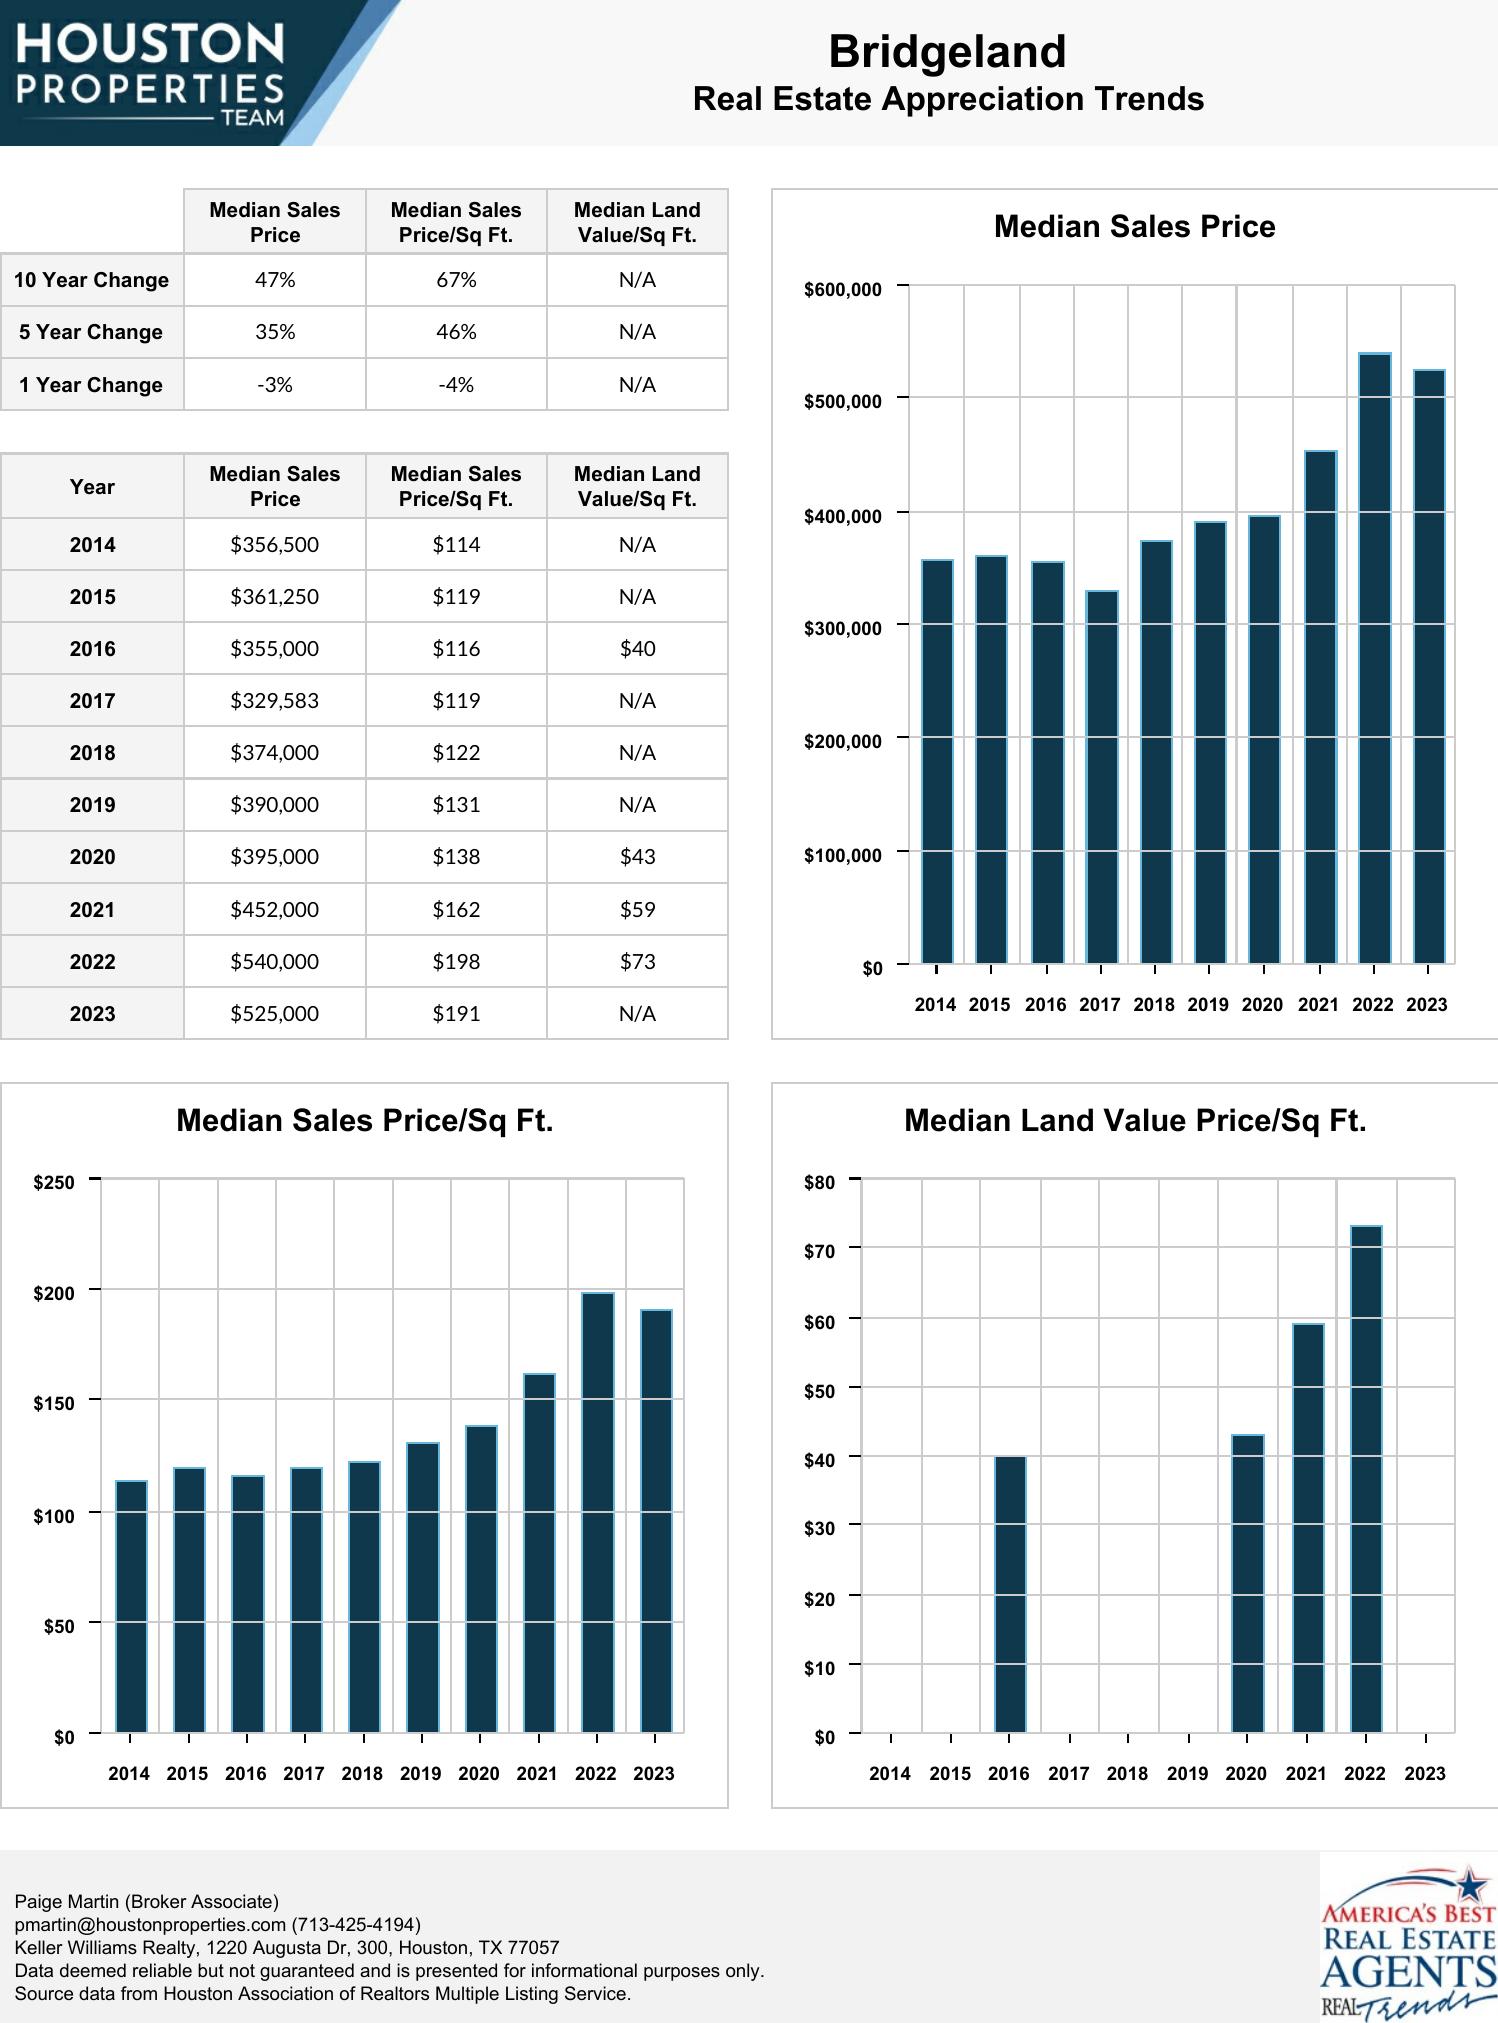 Bridgeland Real Estate Trends